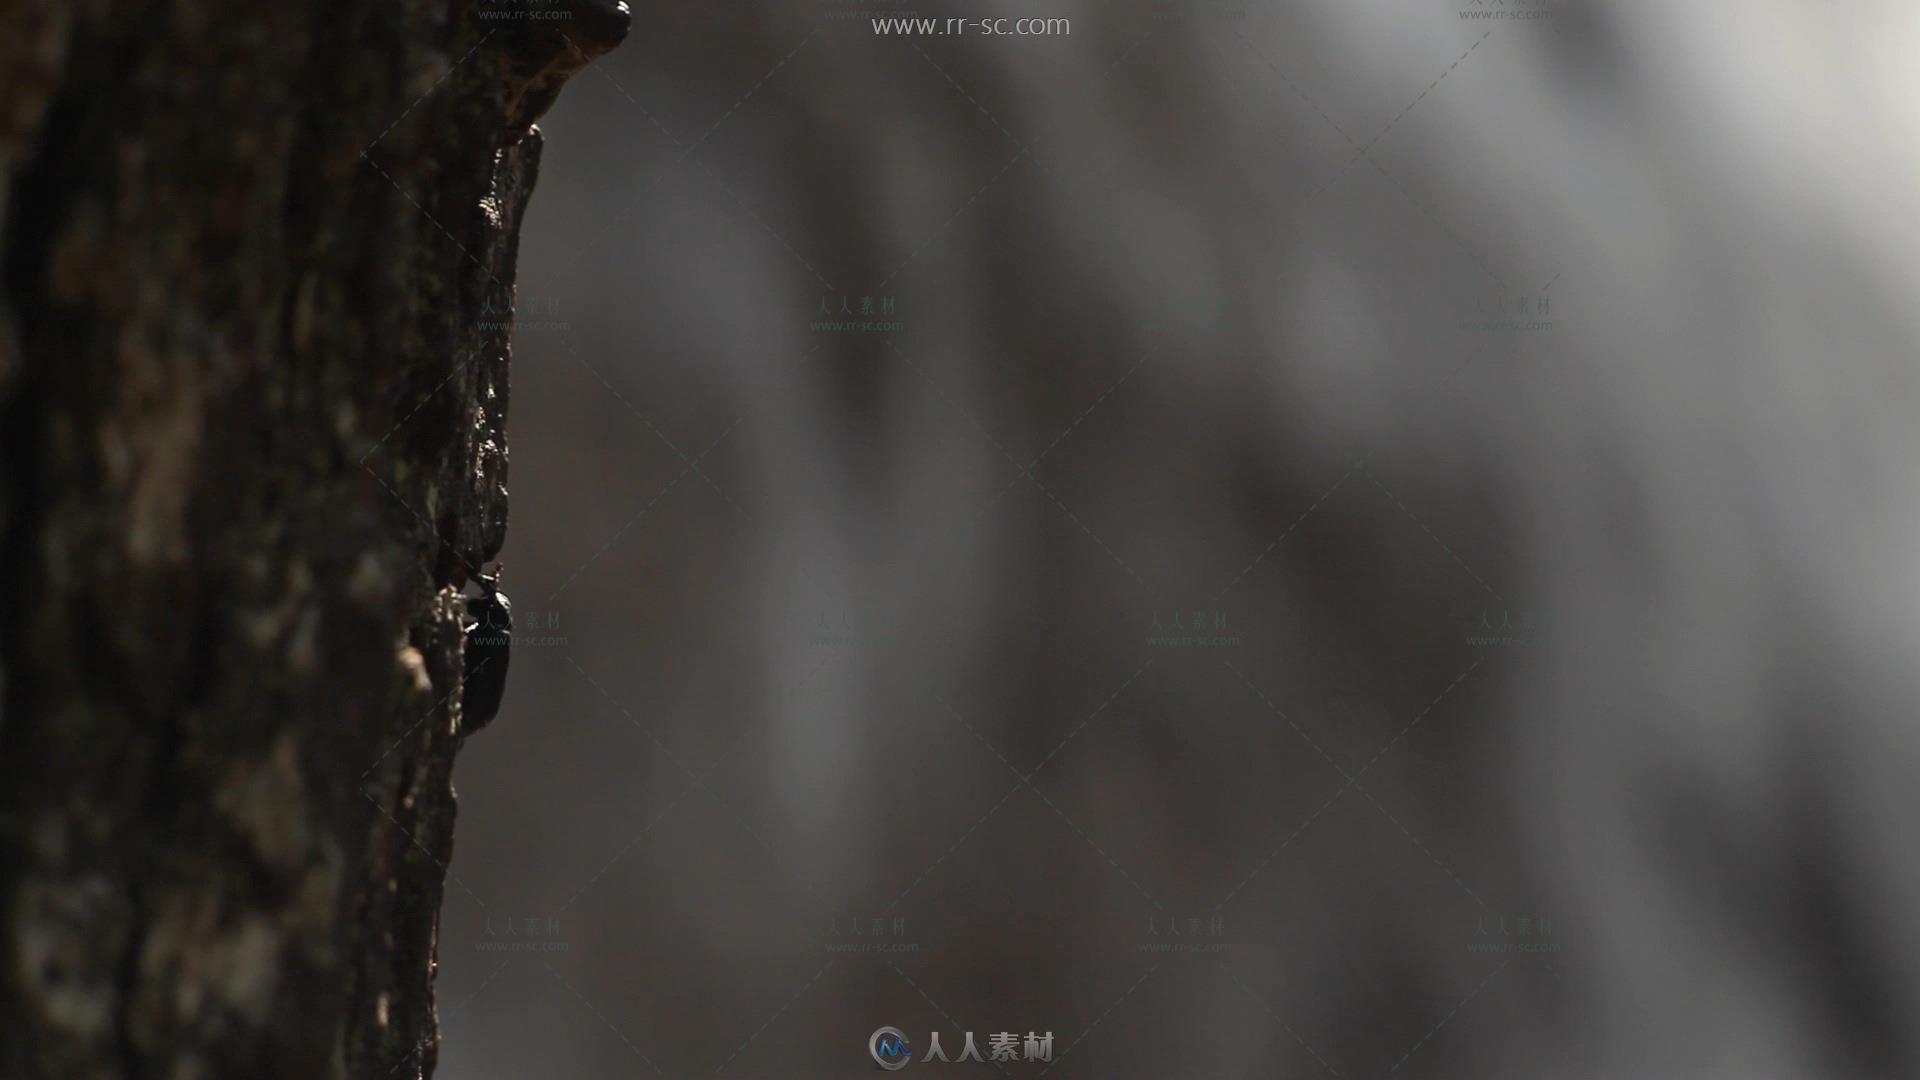 瀑布边缘树上甲虫慢慢爬高清实拍视频素材